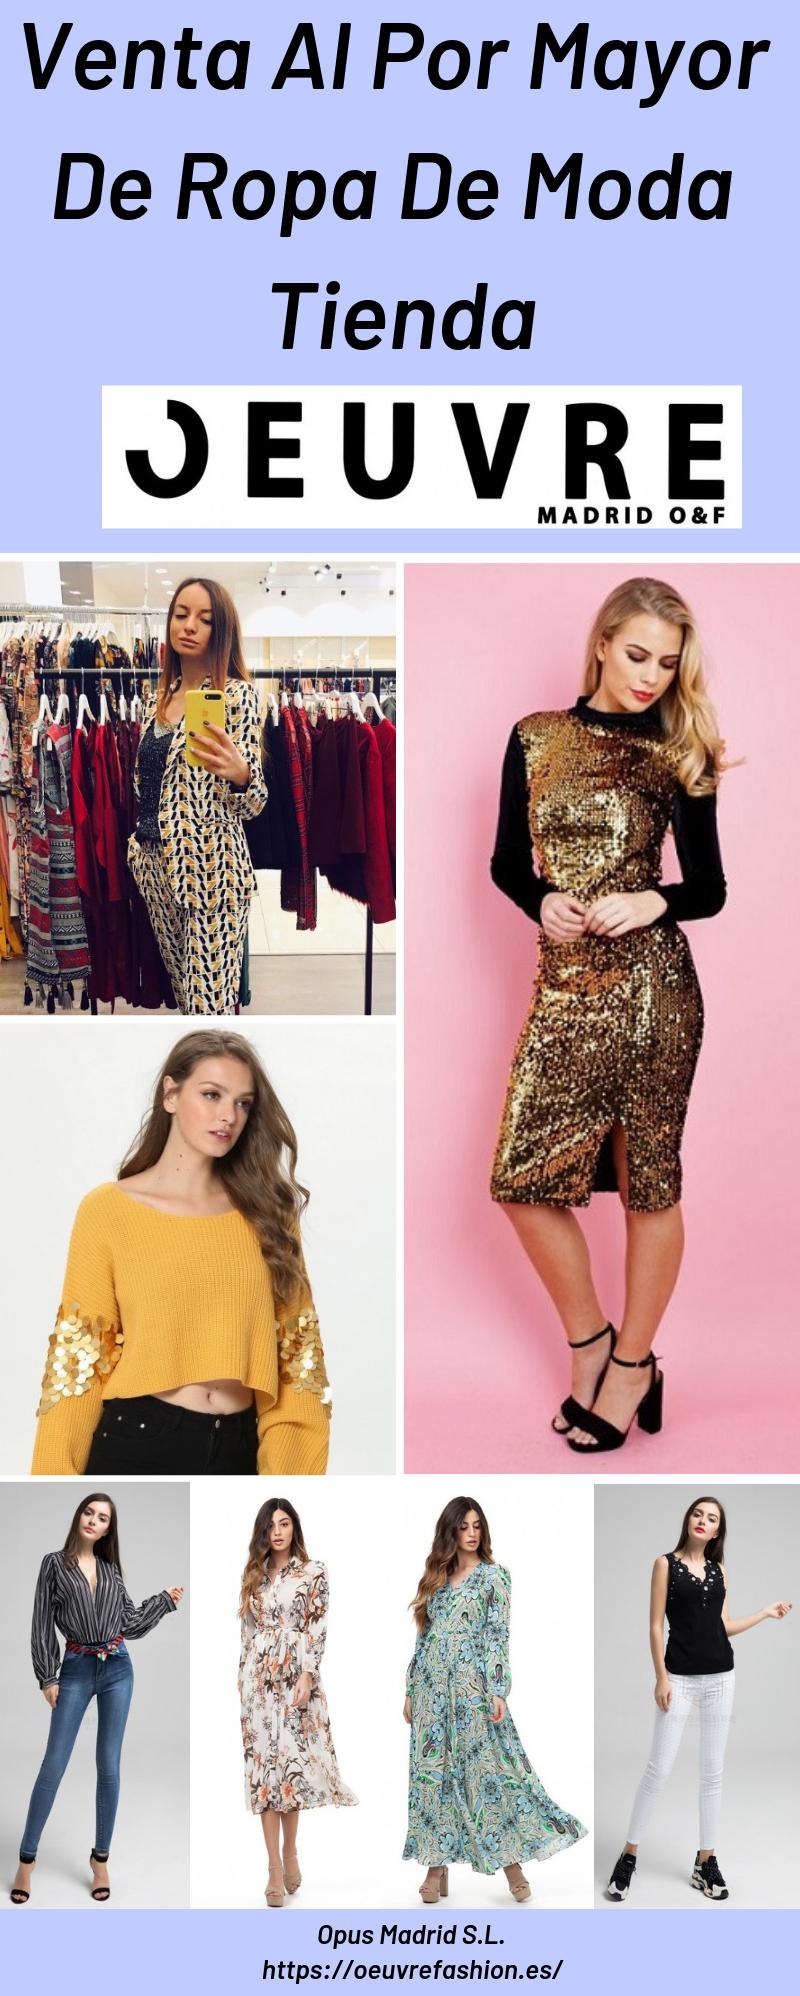 Venta Al Por Mayor De Ropa De Moda Tienda Ropa De Moda Moda Ropa